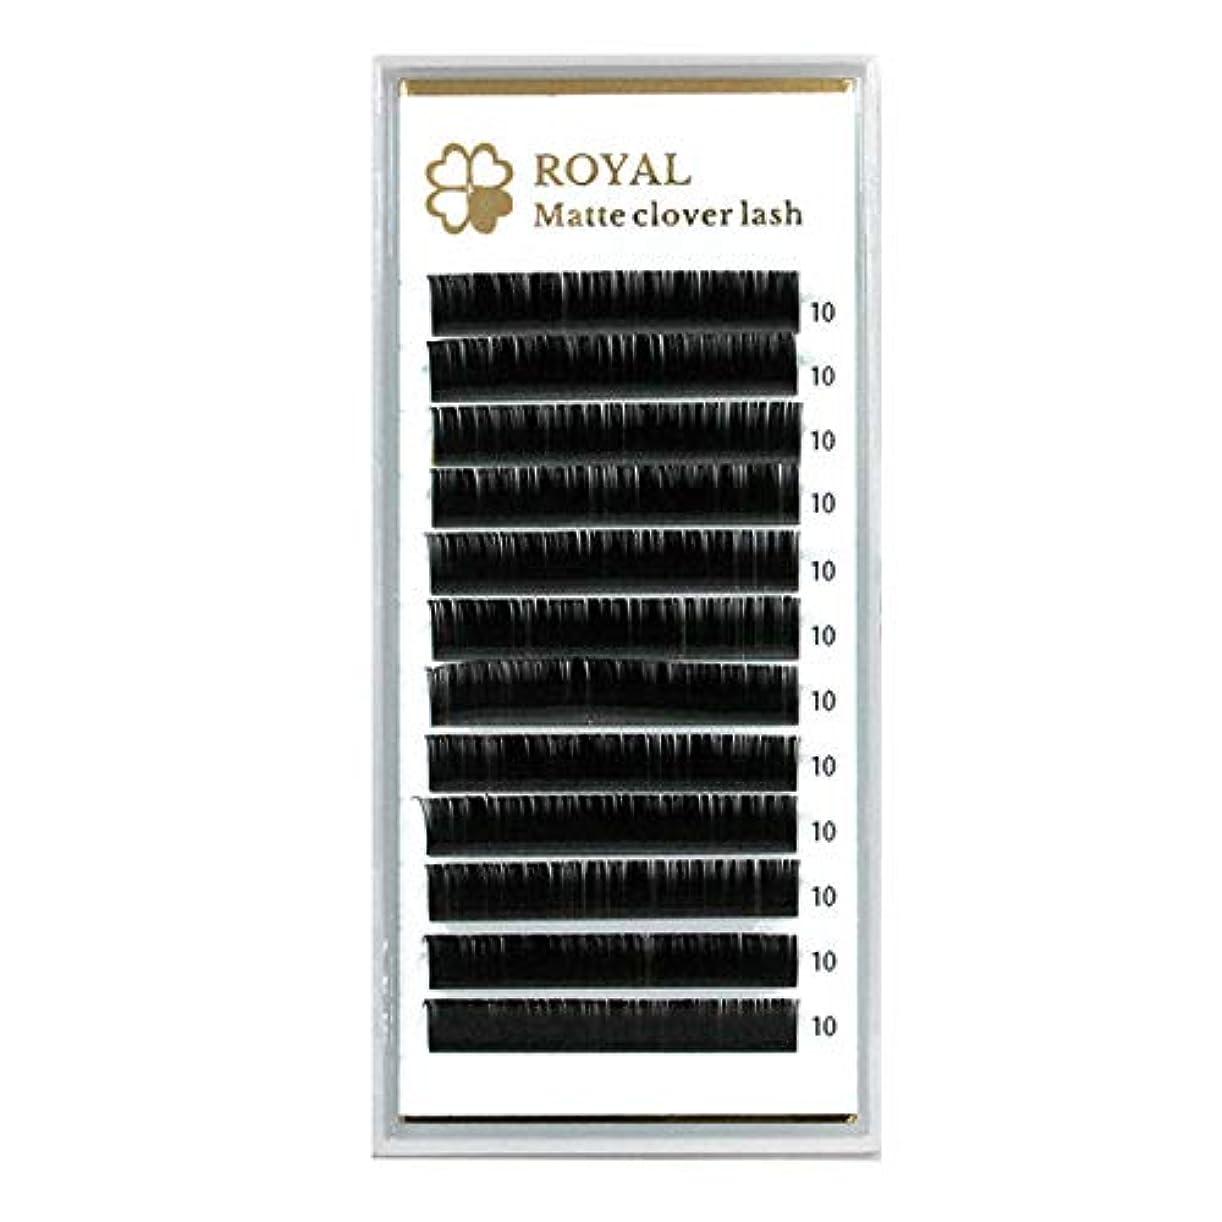 留め金五月まっすぐにするマツエク 1本タイプ ロイヤルマットクローバーラッシュ (ROYAL Matte Clover Lash) 12列 Cカール まつげエクステ (0.15mm 12mm)